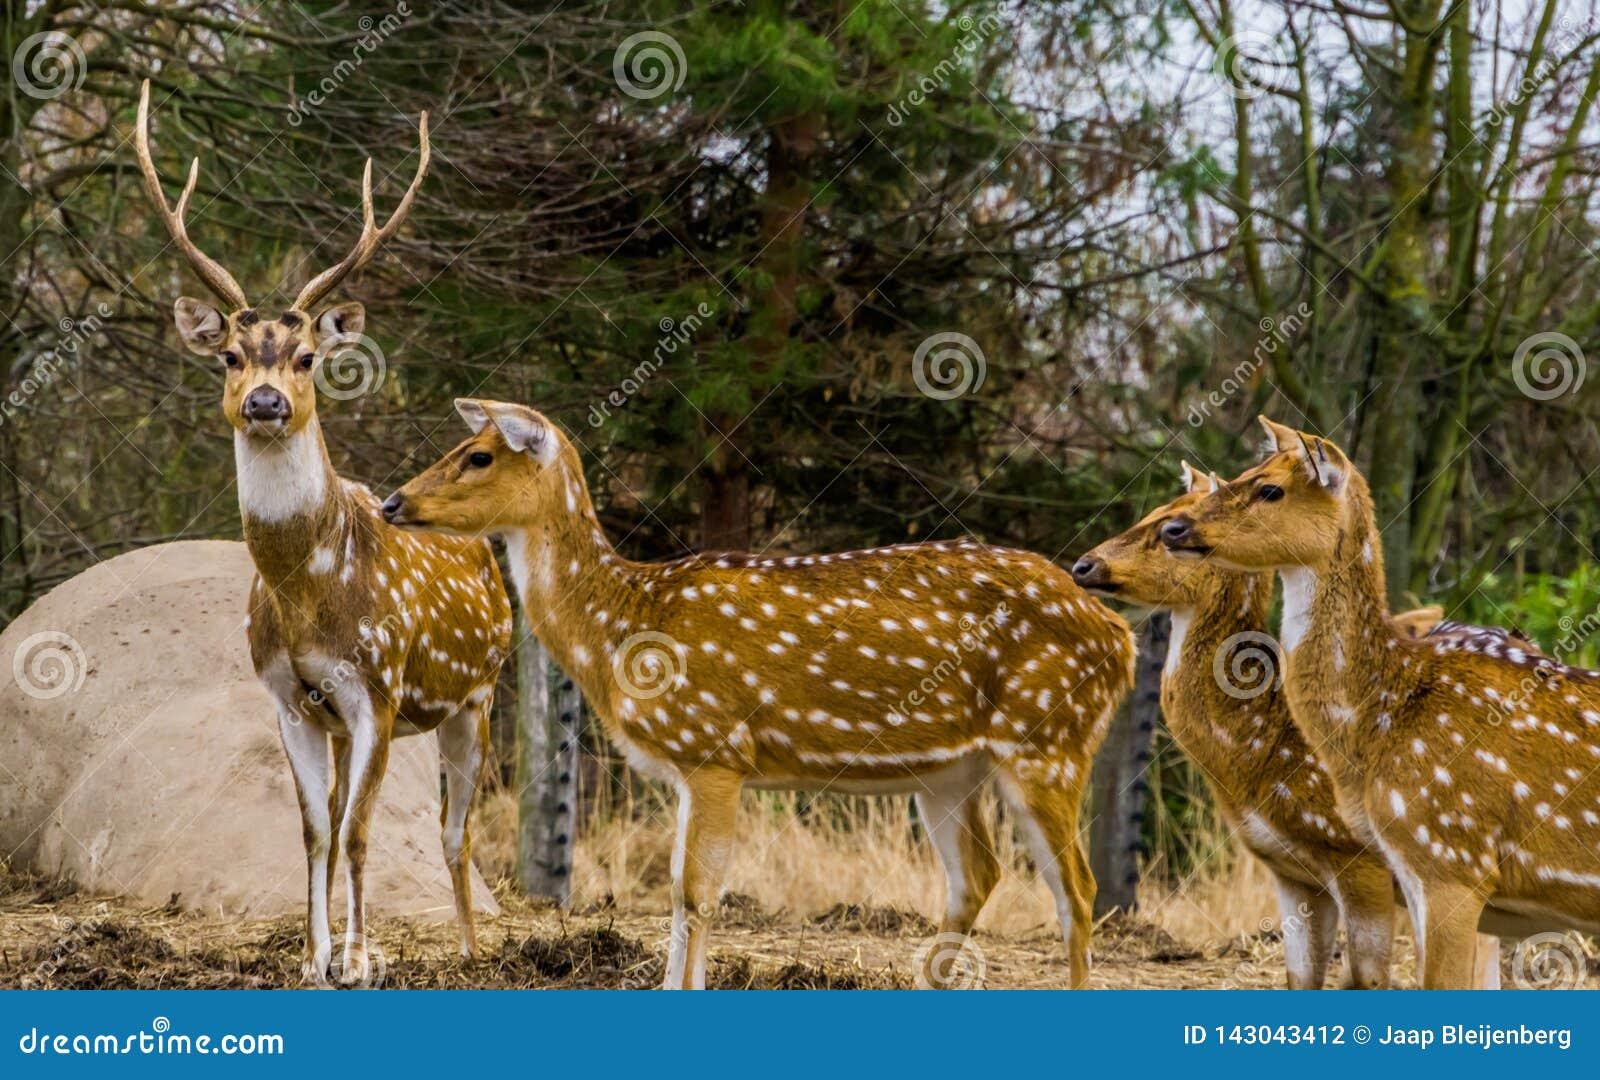 Rodzina osi deers wpólnie, Jeden jeleń prowadzi stada, zwierzę od lasów India i Ameryka